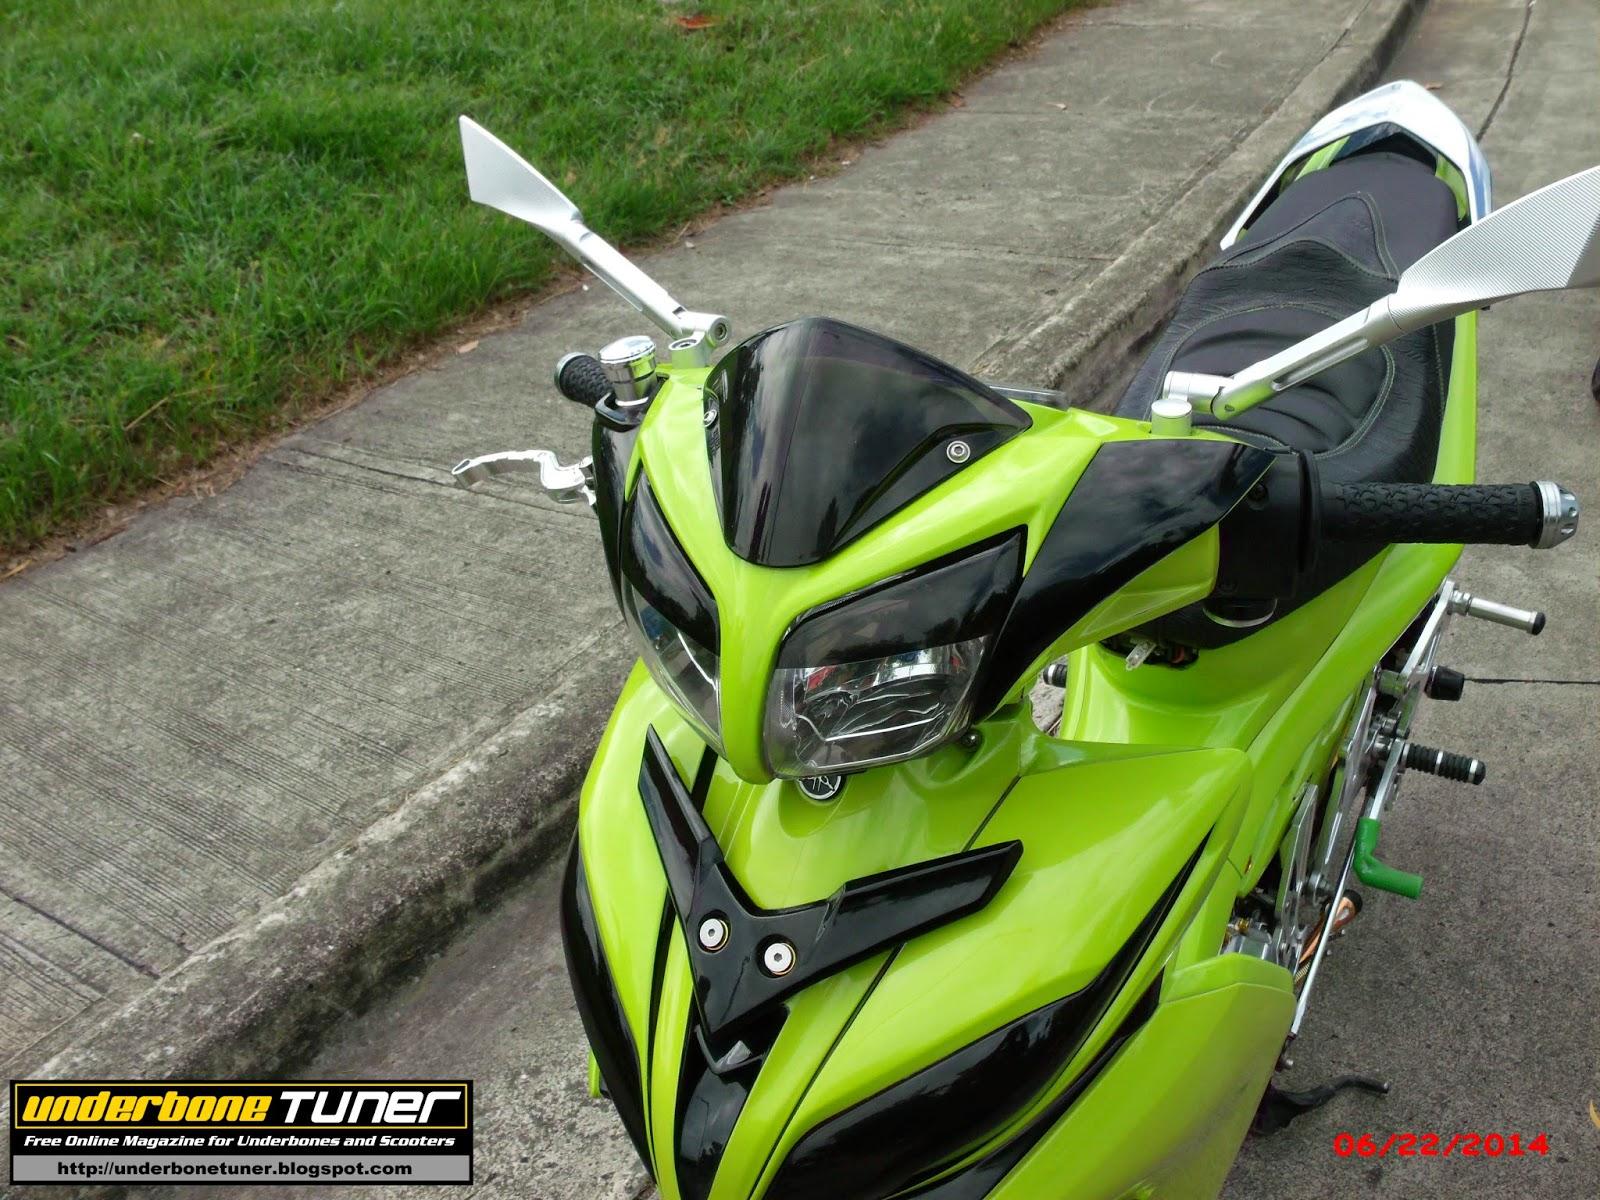 Underbone Tuner: Modified Yamaha Vega Force: Nascar